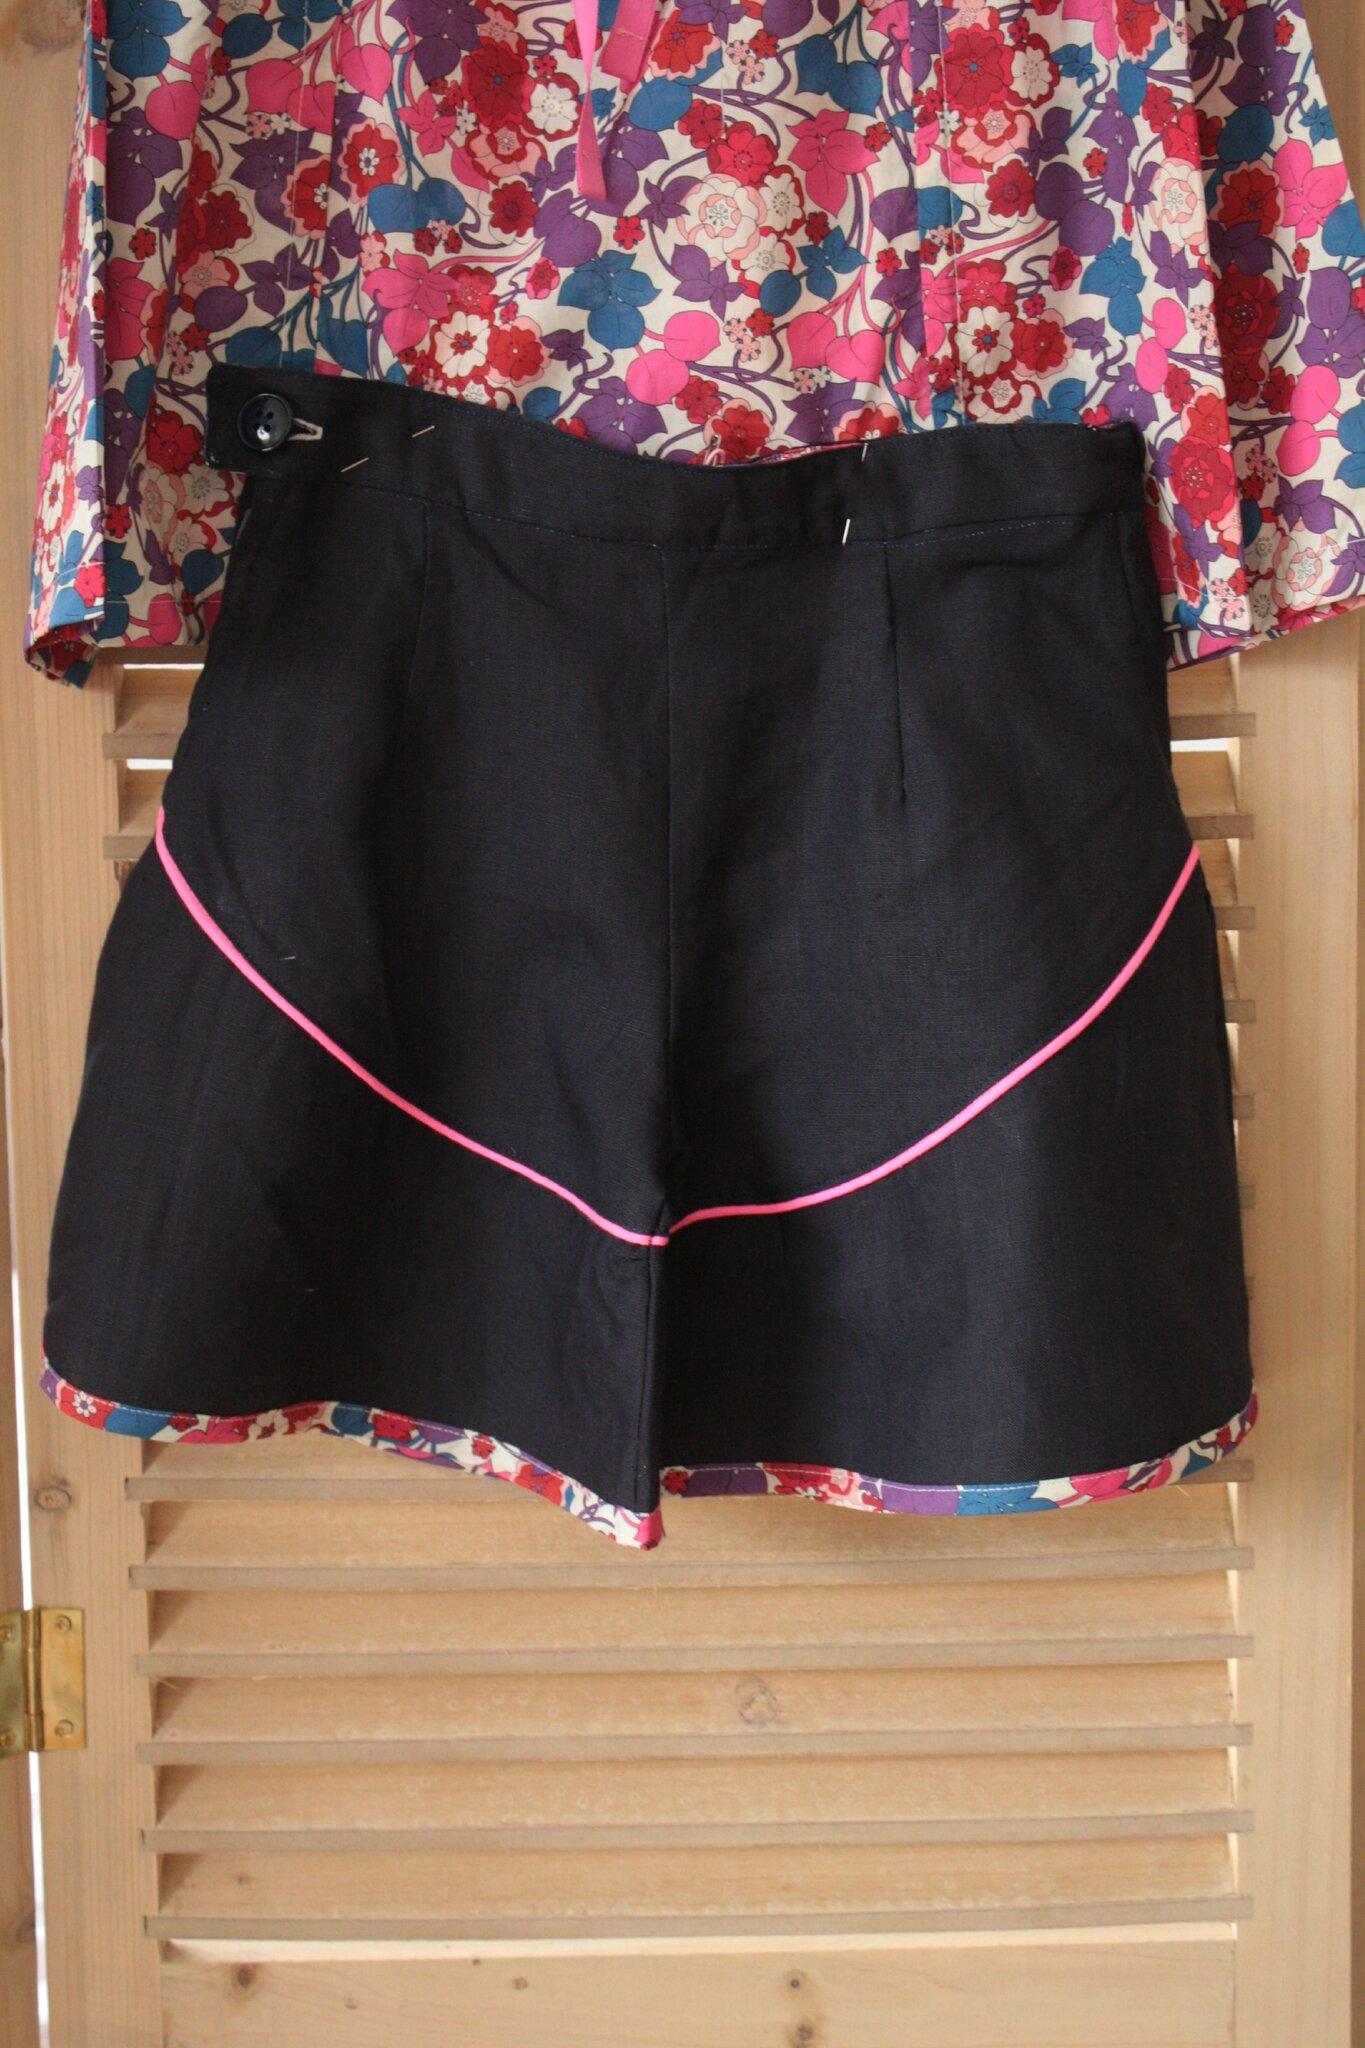 Ensemble 8 ans, short en lin, ceinture et bas en Liberty taille réglable, passepoilé rose fluo, 25€ et blouse Liberty, nouée devant, manches longues, 30€